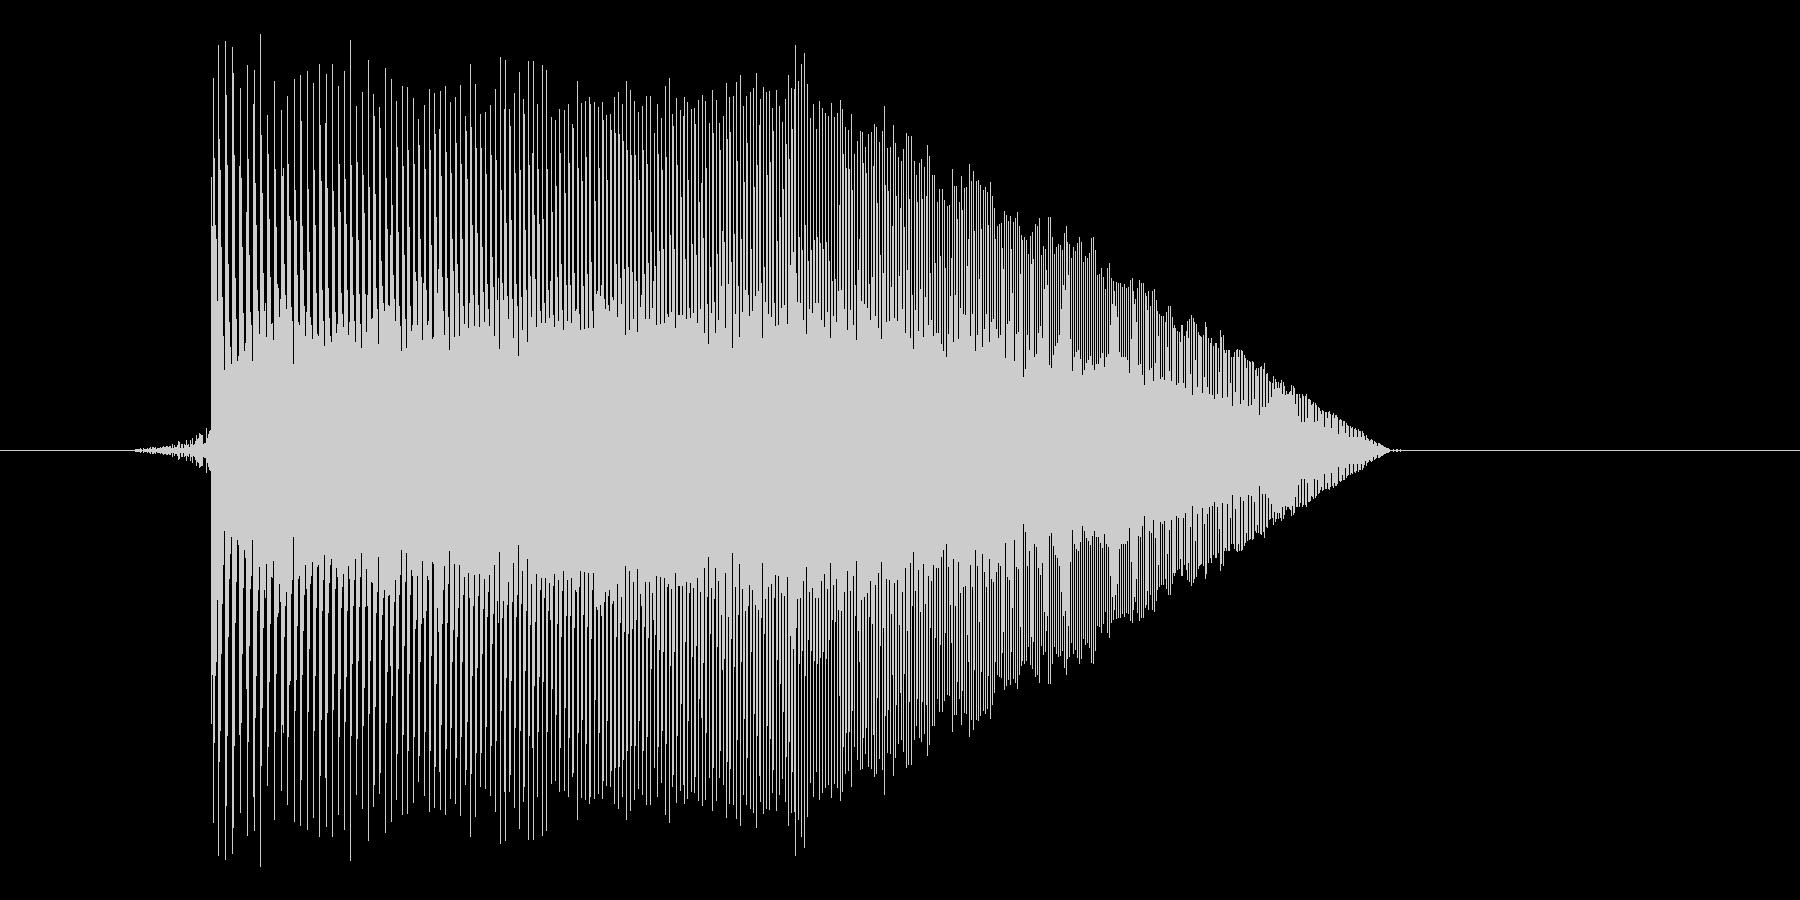 ゲーム(ファミコン風)ジャンプ音_006の未再生の波形